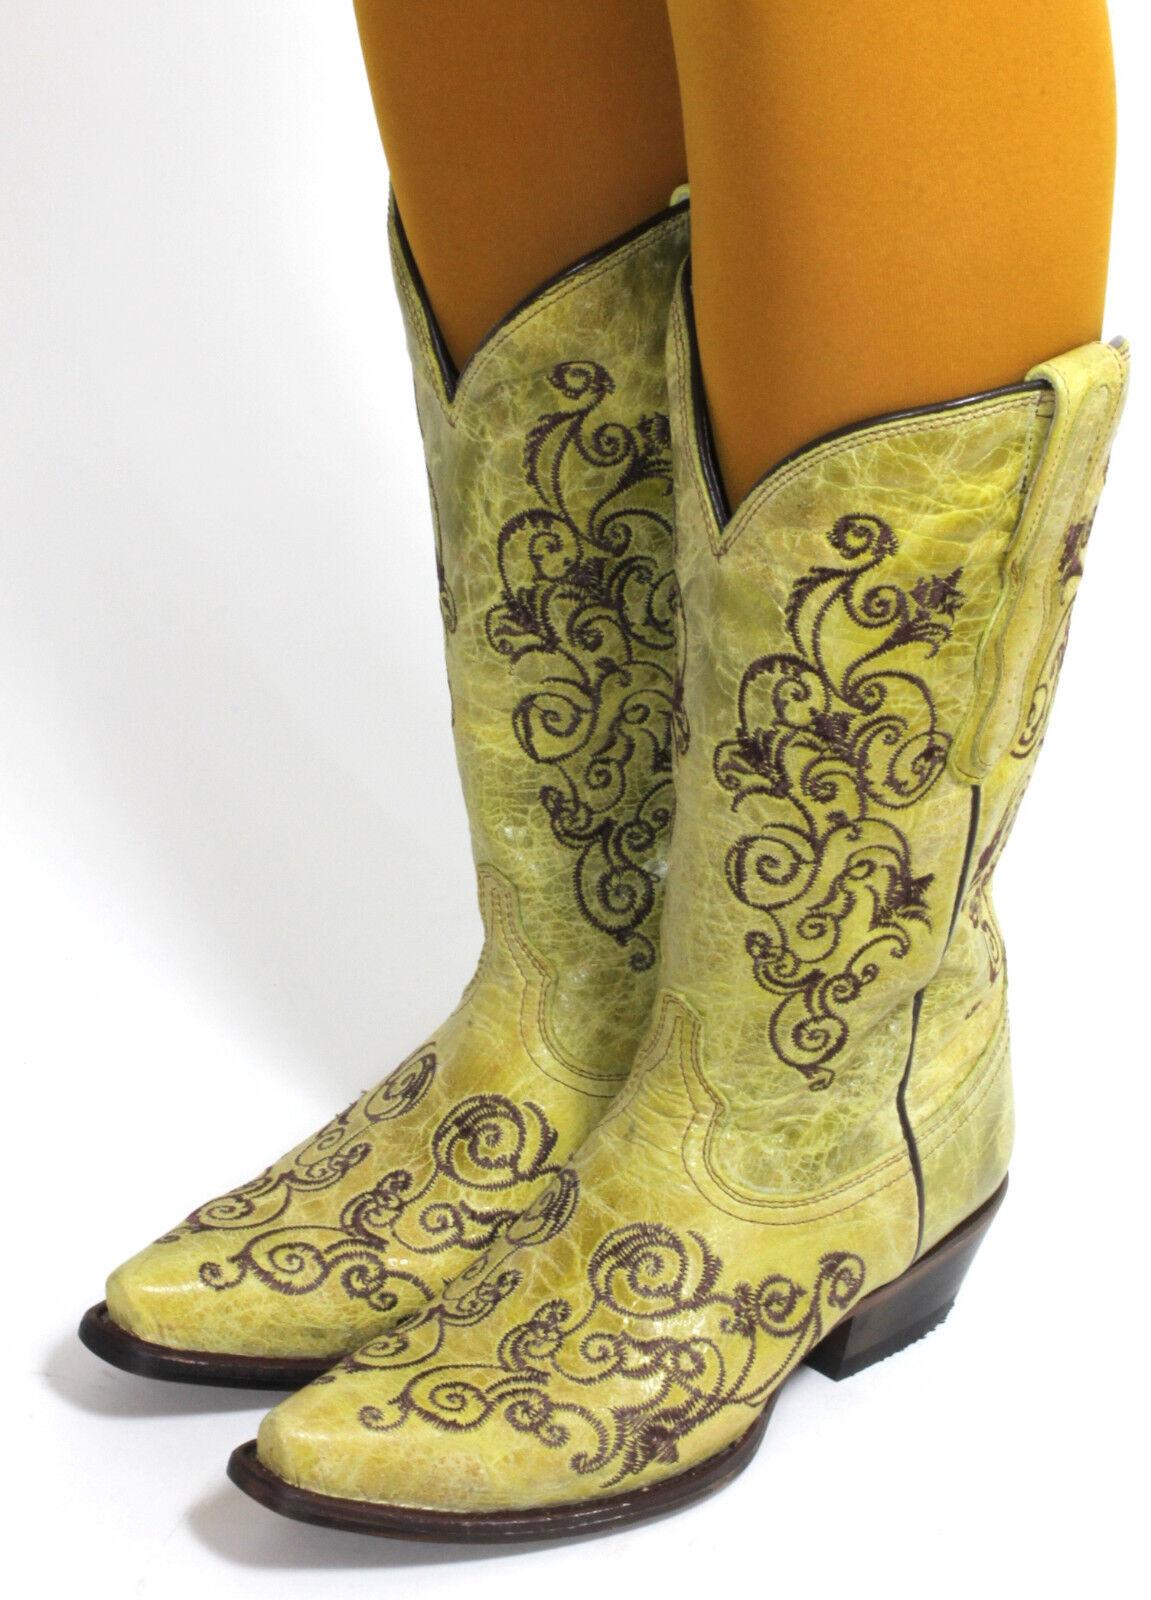 21 Cowboystiefel Westernstiefel Texas Rudel Catalan Style Stiefel Fashion 38